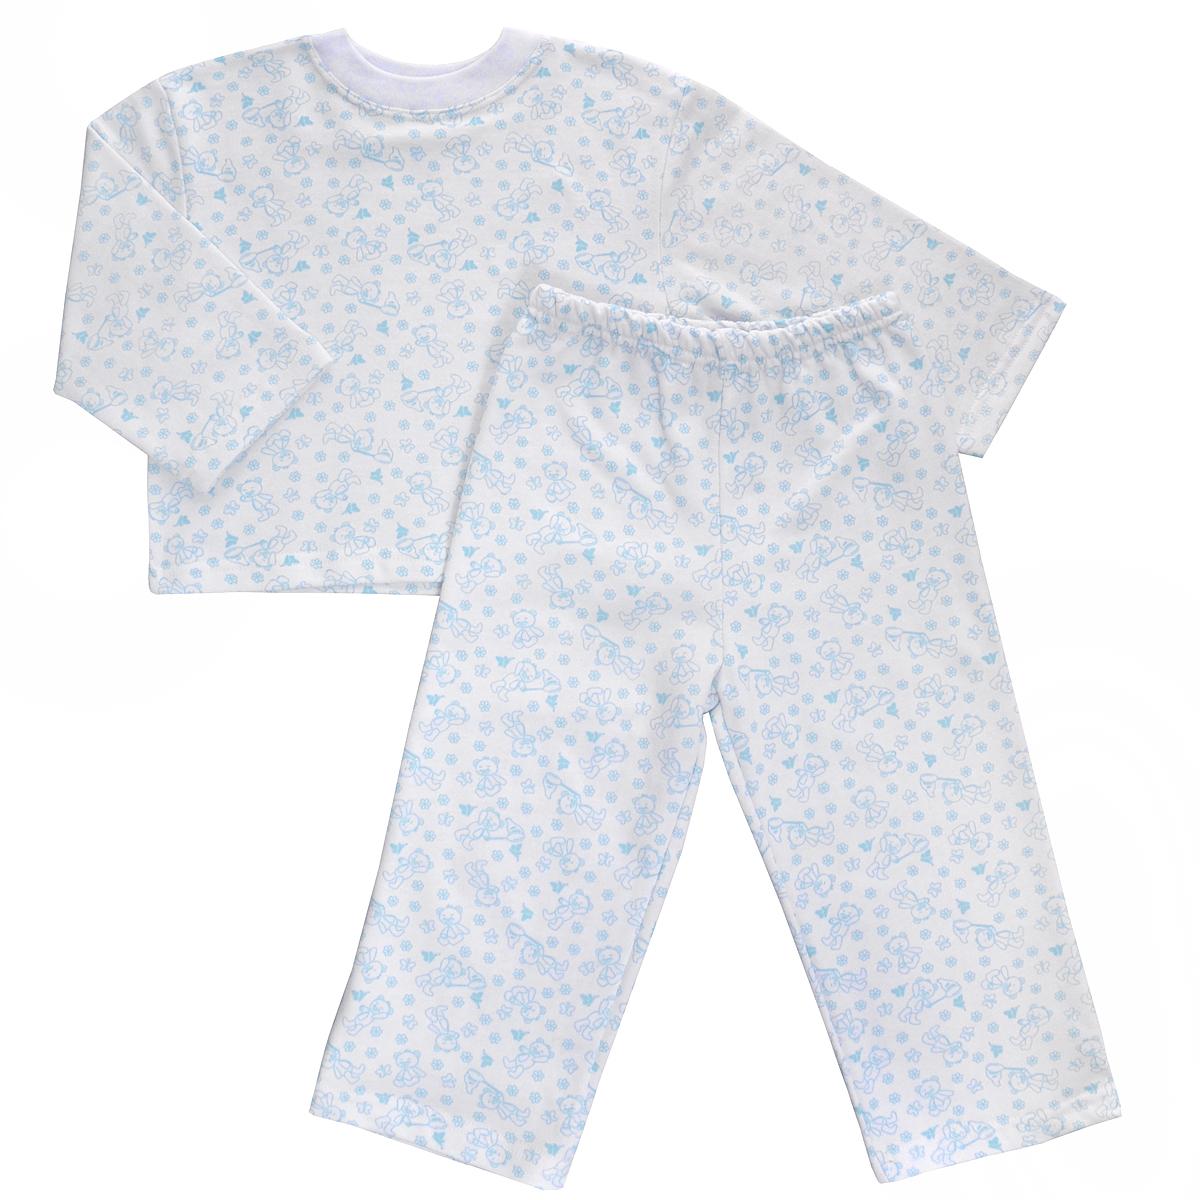 Пижама детская Трон-плюс, цвет: белый, голубой, рисунок мишки. 5553. Размер 122/128, 7-10 лет5553Яркая детская пижама Трон-плюс, состоящая из кофточки и штанишек, идеально подойдет вашему малышу и станет отличным дополнением к детскому гардеробу. Теплая пижама, изготовленная из набивного футера - натурального хлопка, необычайно мягкая и легкая, не сковывает движения ребенка, позволяет коже дышать и не раздражает даже самую нежную и чувствительную кожу малыша. Кофта с длинными рукавами имеет круглый вырез горловины. Штанишки на удобной резинке не сдавливают животик ребенка и не сползают.В такой пижаме ваш ребенок будет чувствовать себя комфортно и уютно во время сна.